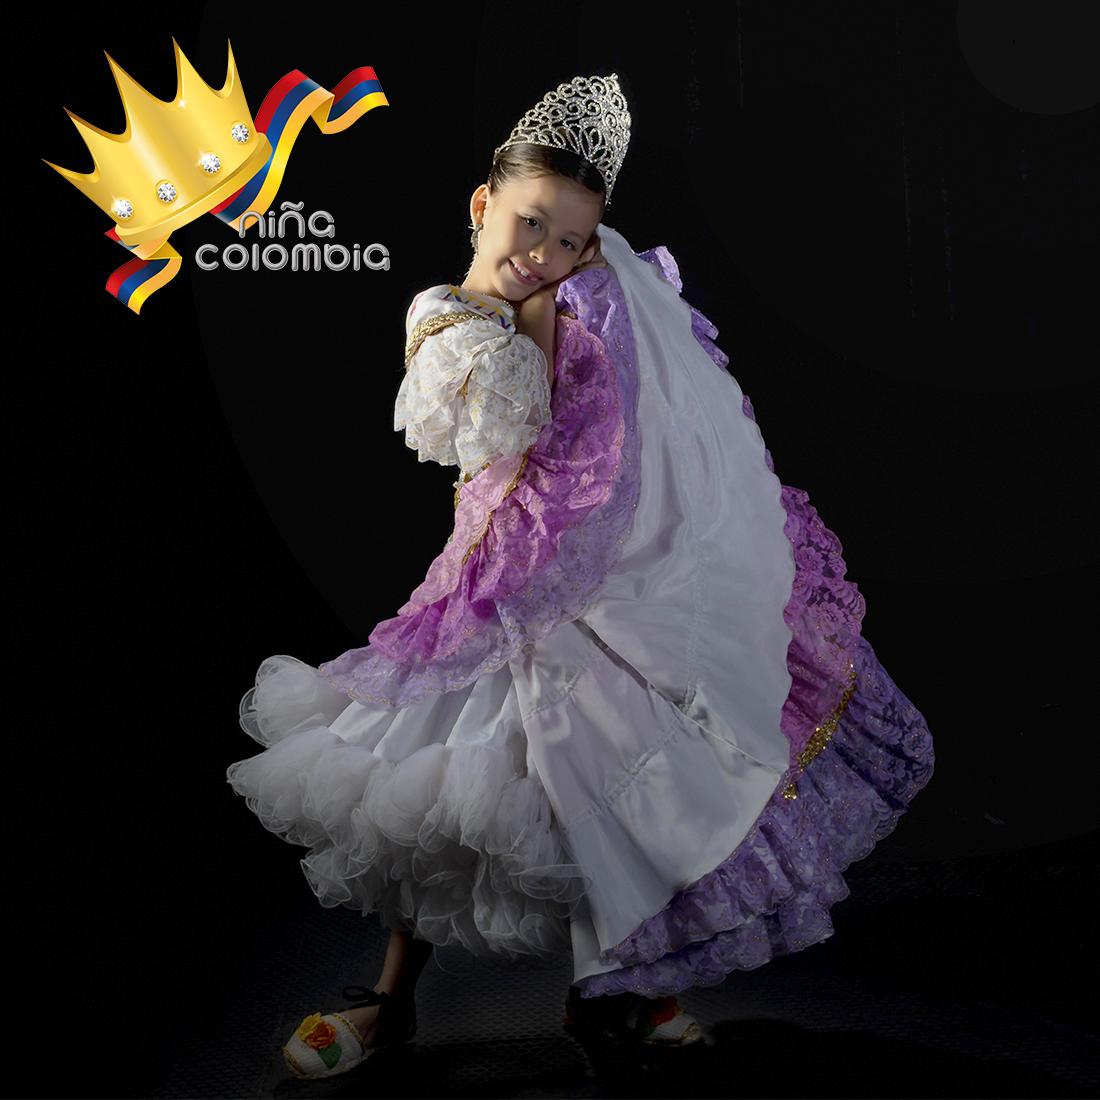 evento_web_niña_colombia 2021_2022 web_inscribciones_abiertas